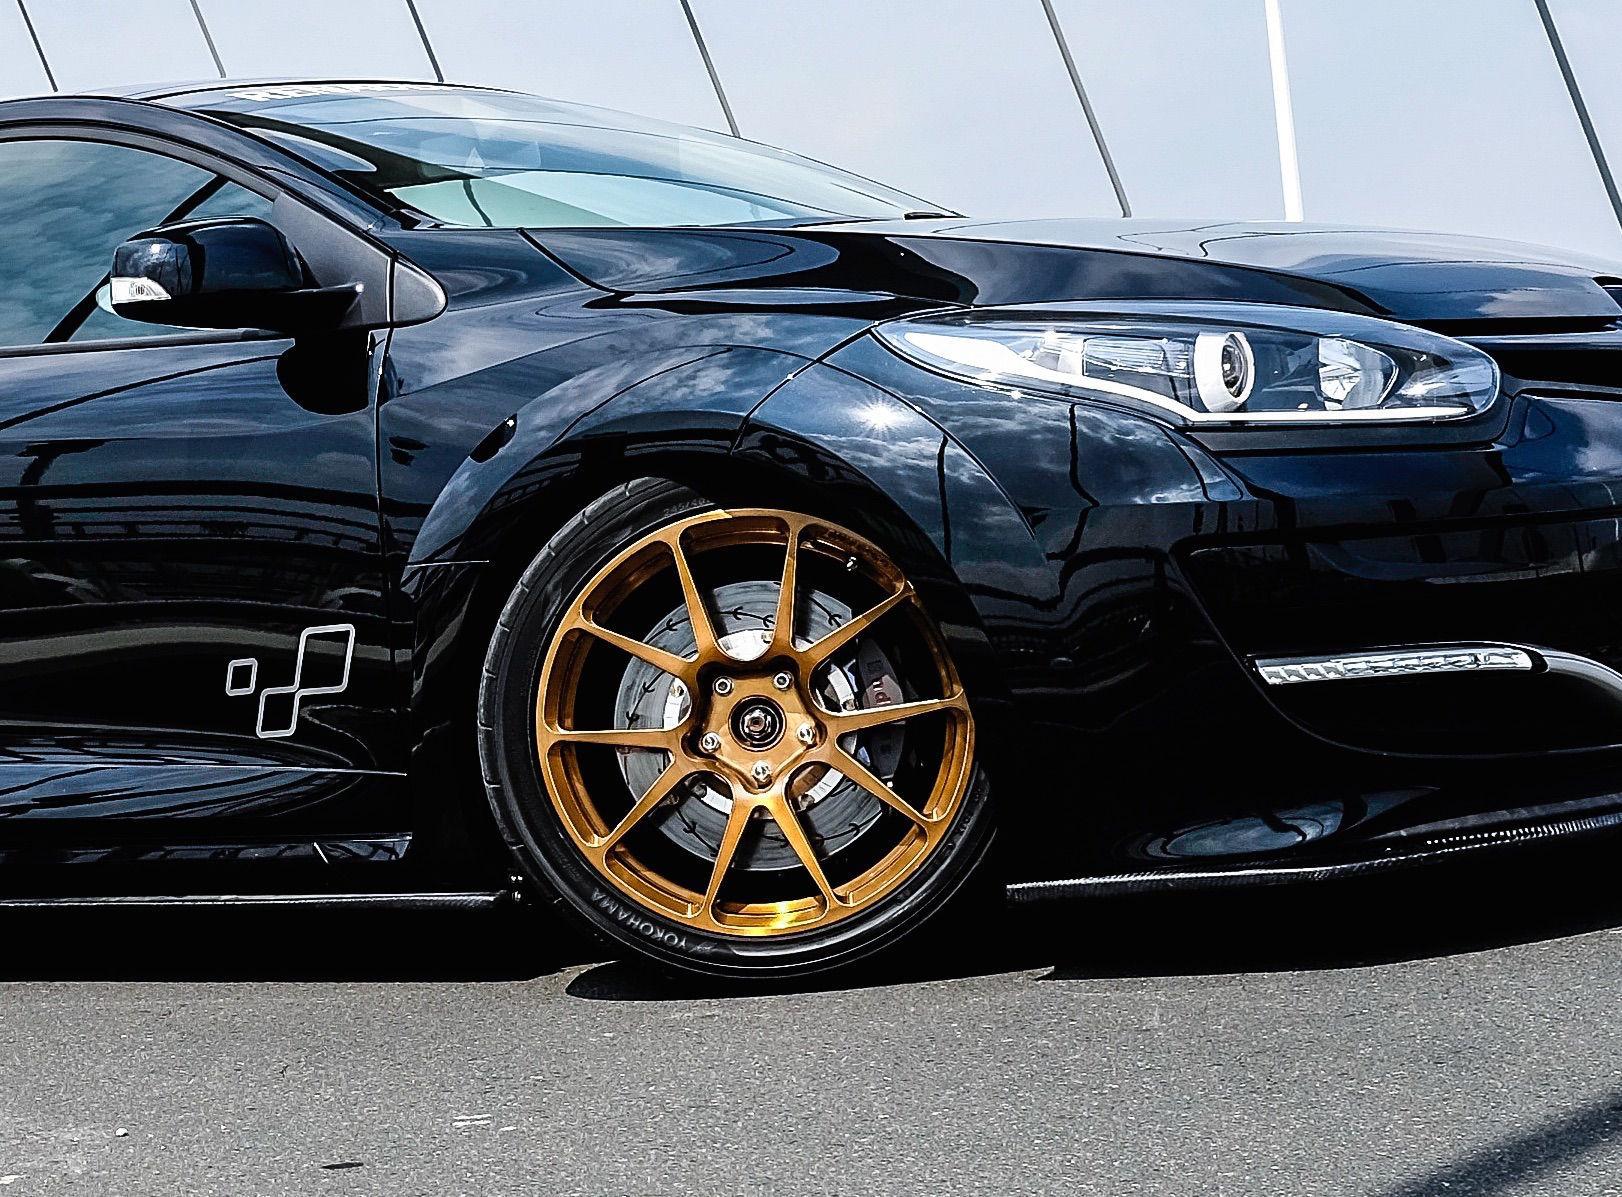 2015 Renault Megane   Renault Megane RS Trophy R on Forgeline GS1R Wheels